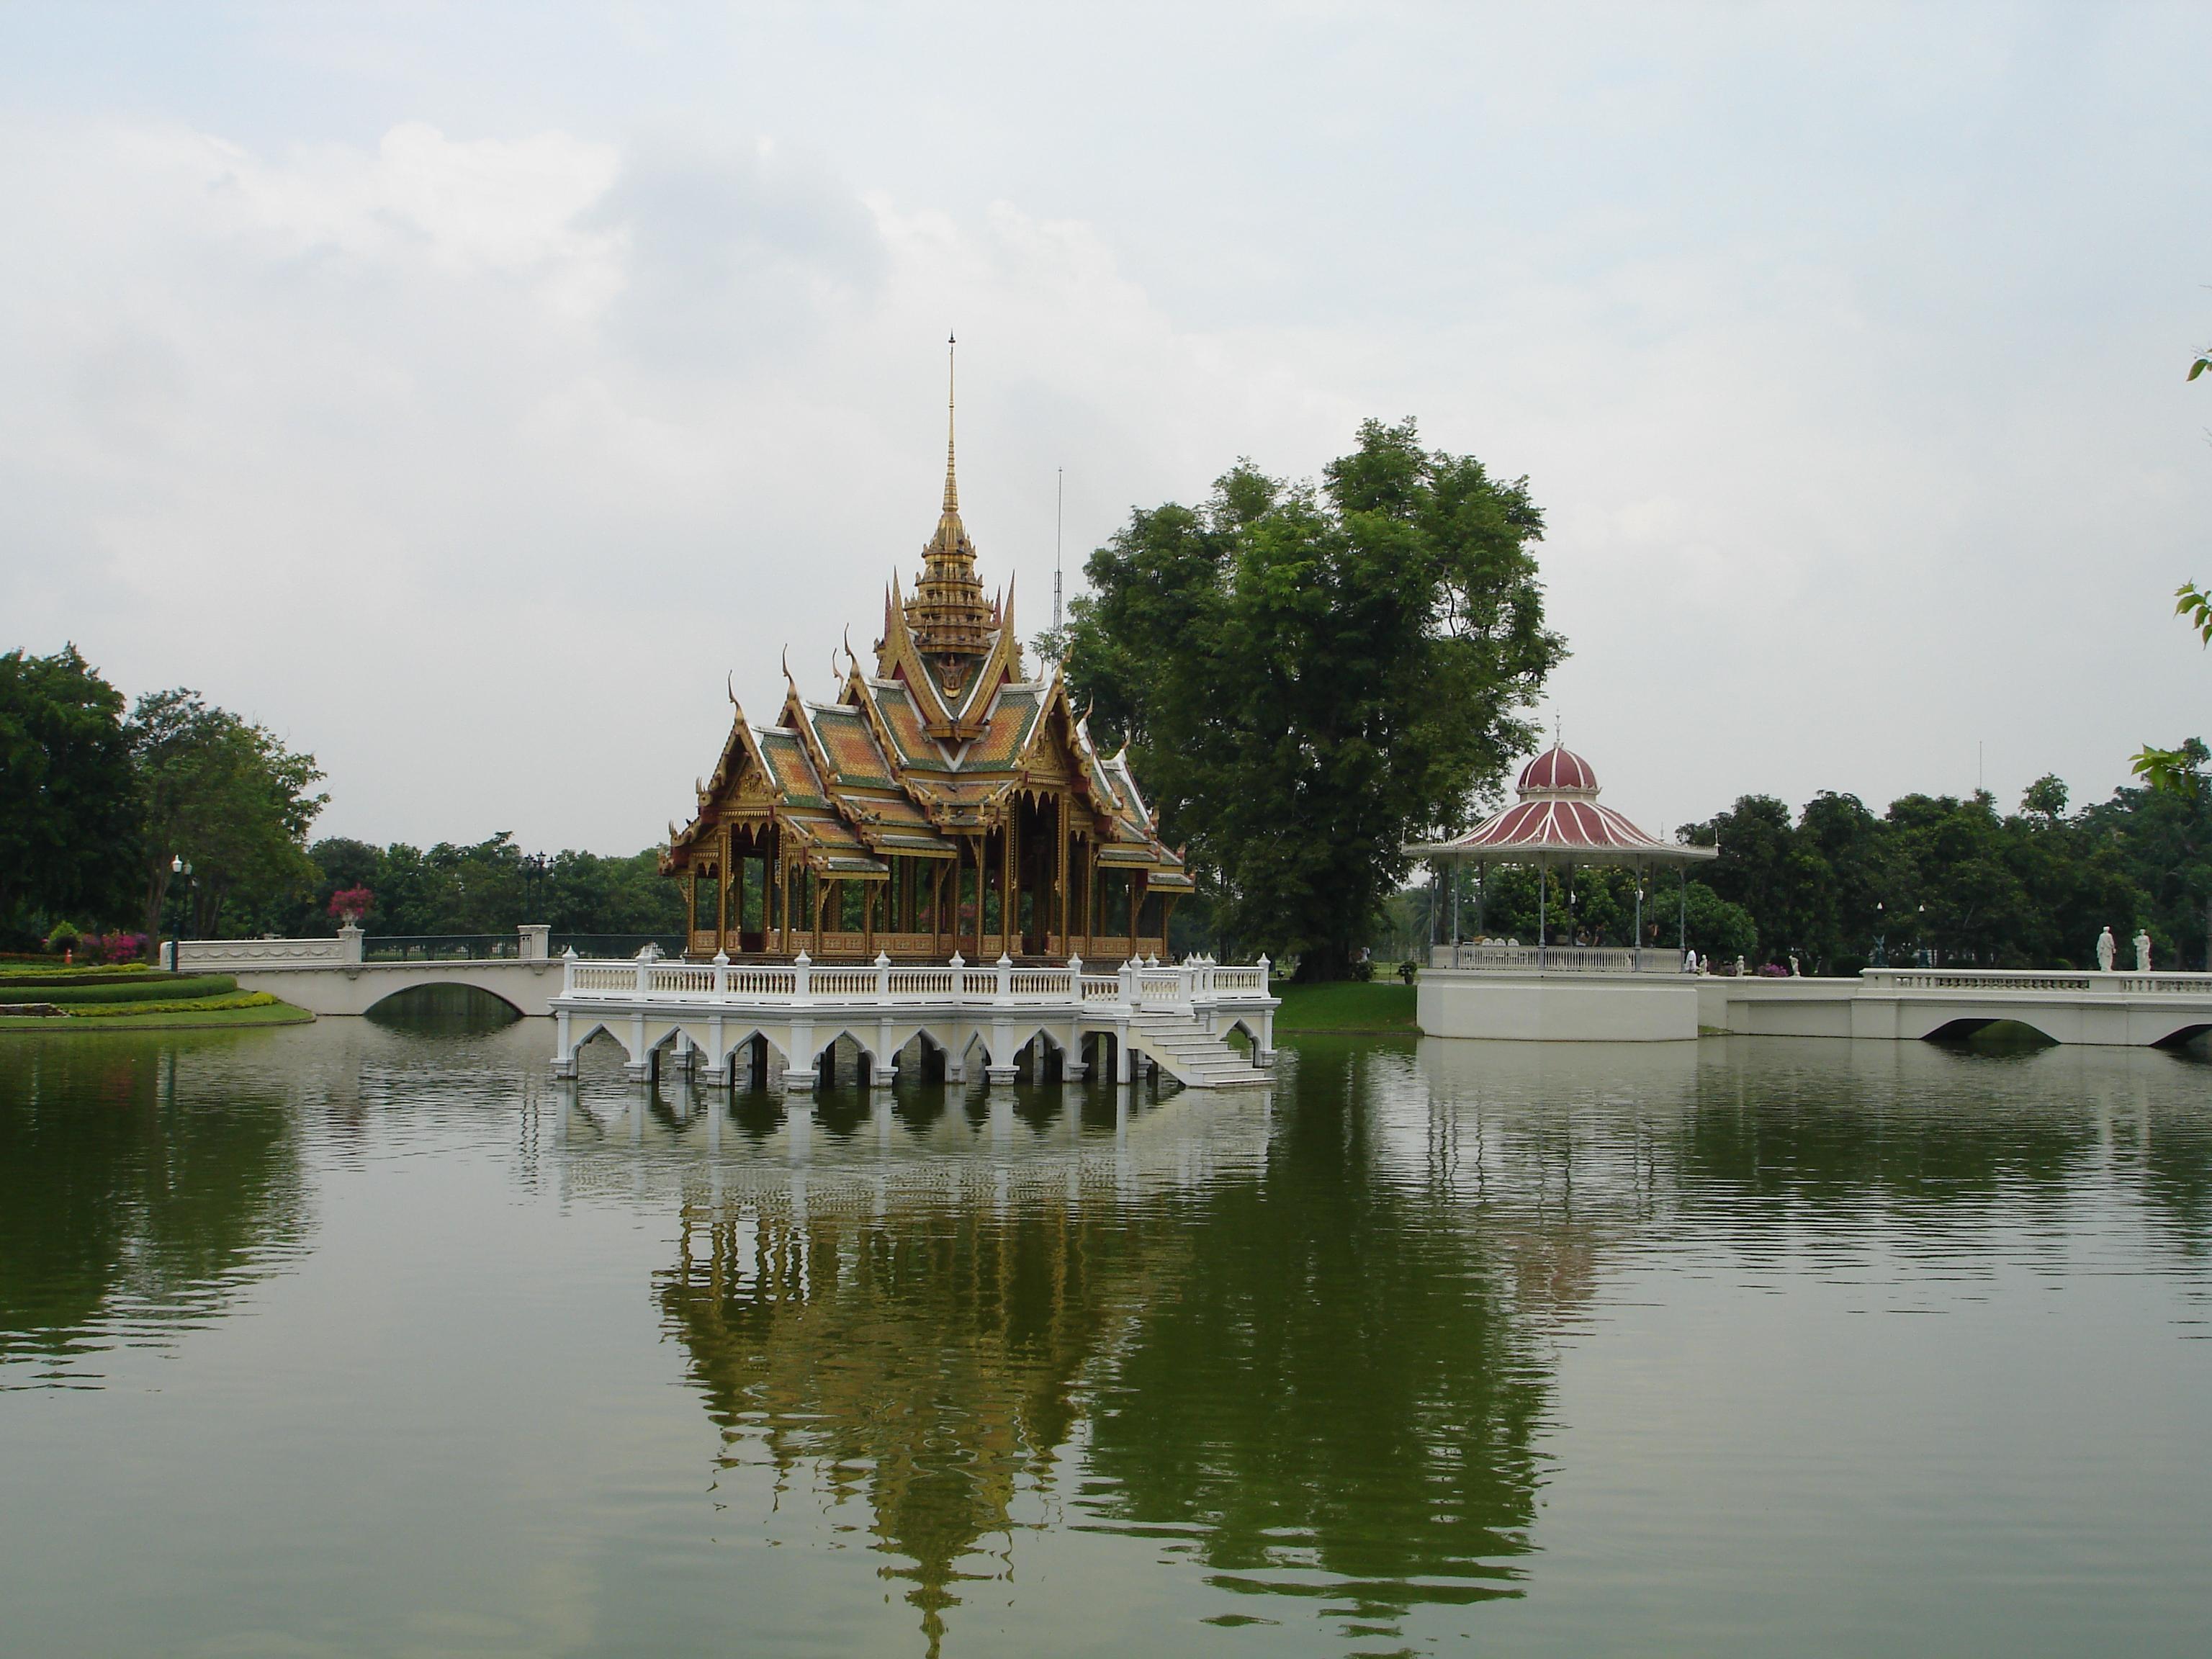 Bang Pa-In Royal Palace. Photos taken by Mark Jochim on May 16, 2006.